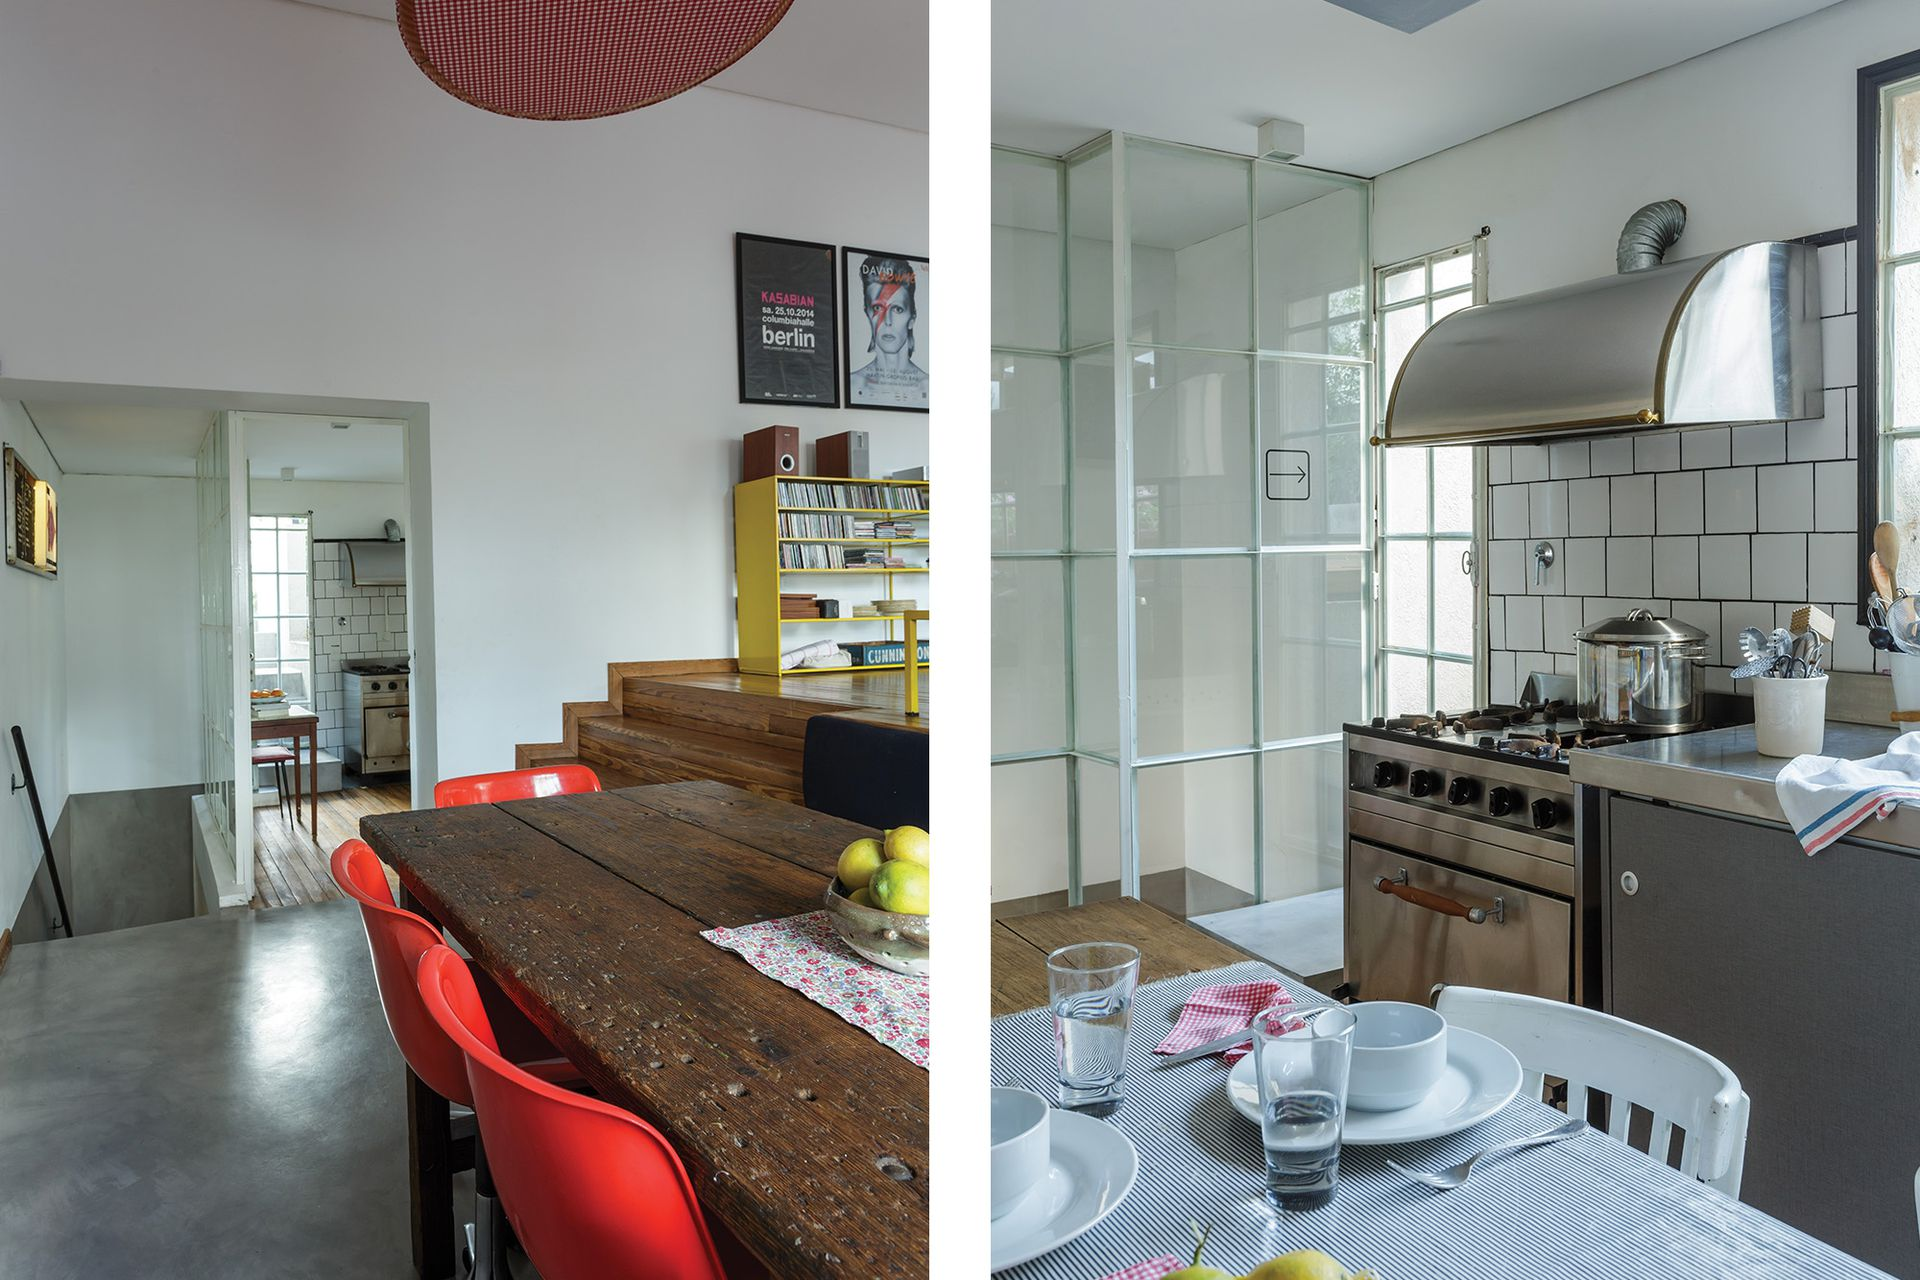 La cocina está ubicada entre el living y el deck exterior.